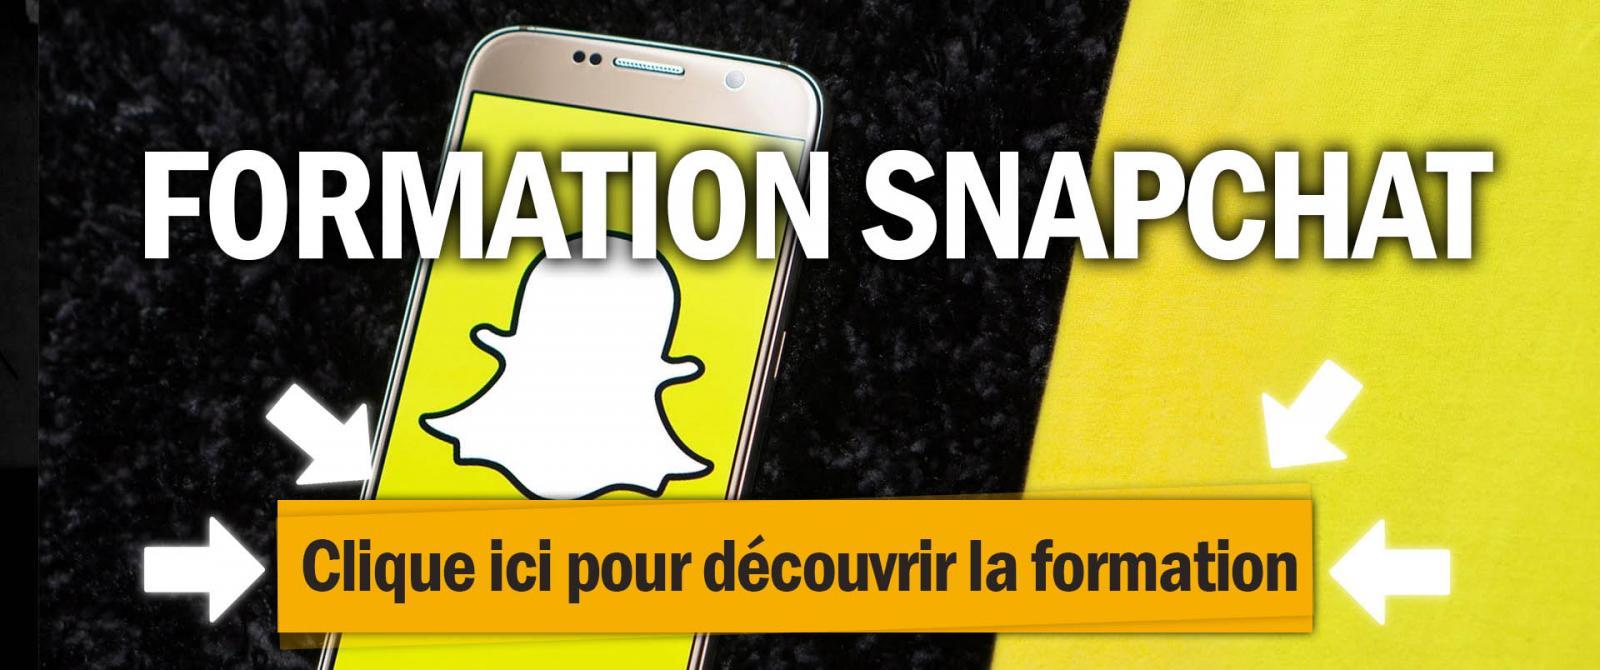 Formation snapchat ads pour faire de la publicité sur Snapchat avec le logo de snapchat et une couleur jaune en fond.